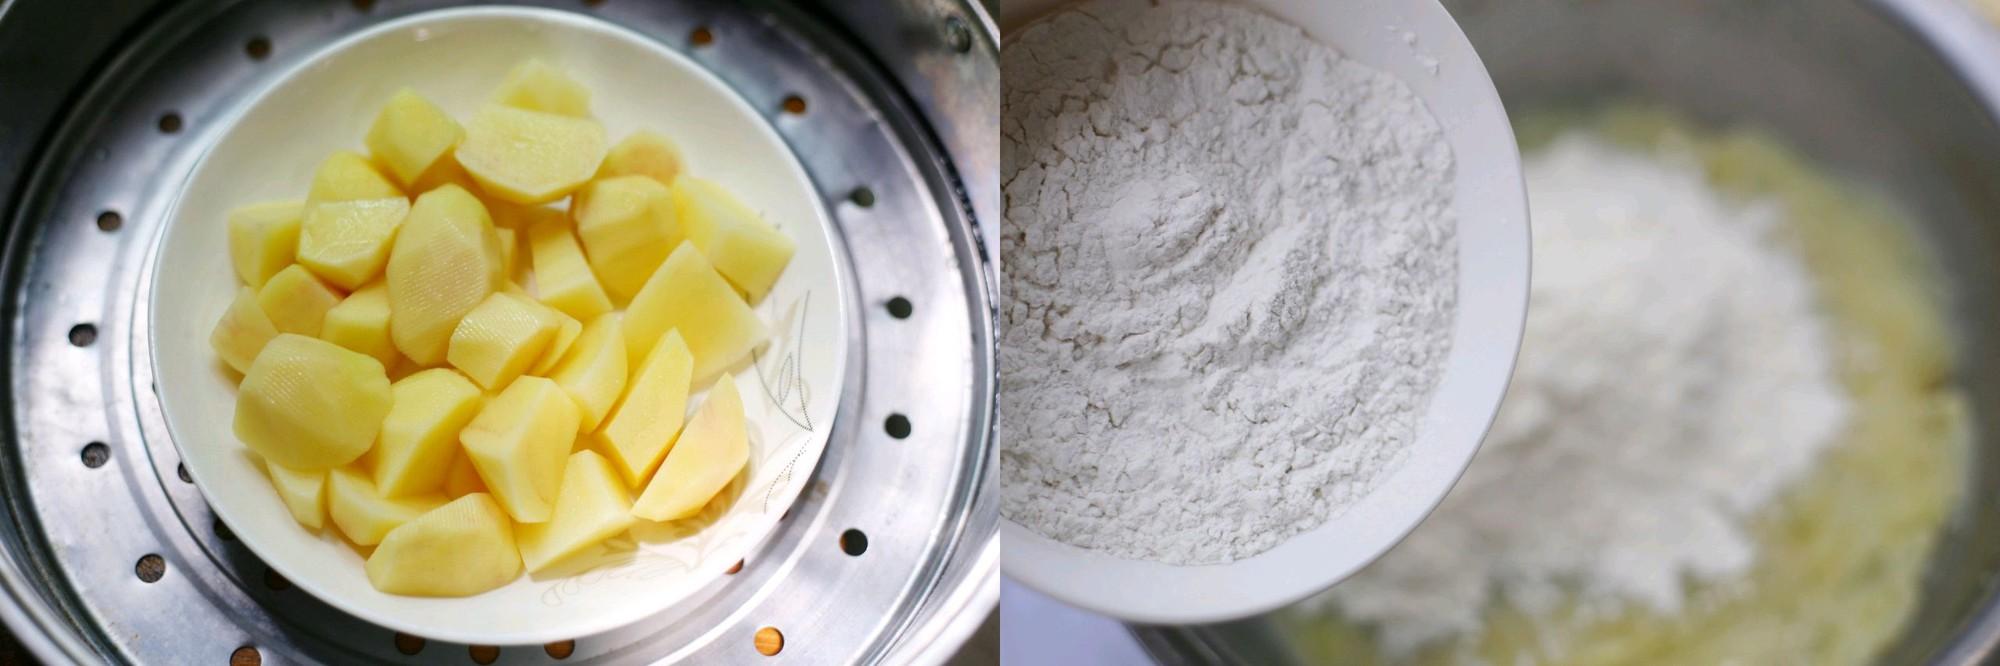 Bánh khoai tây nóng hổi cho bé yêu ngon miệng, tăng cân - Hình 1